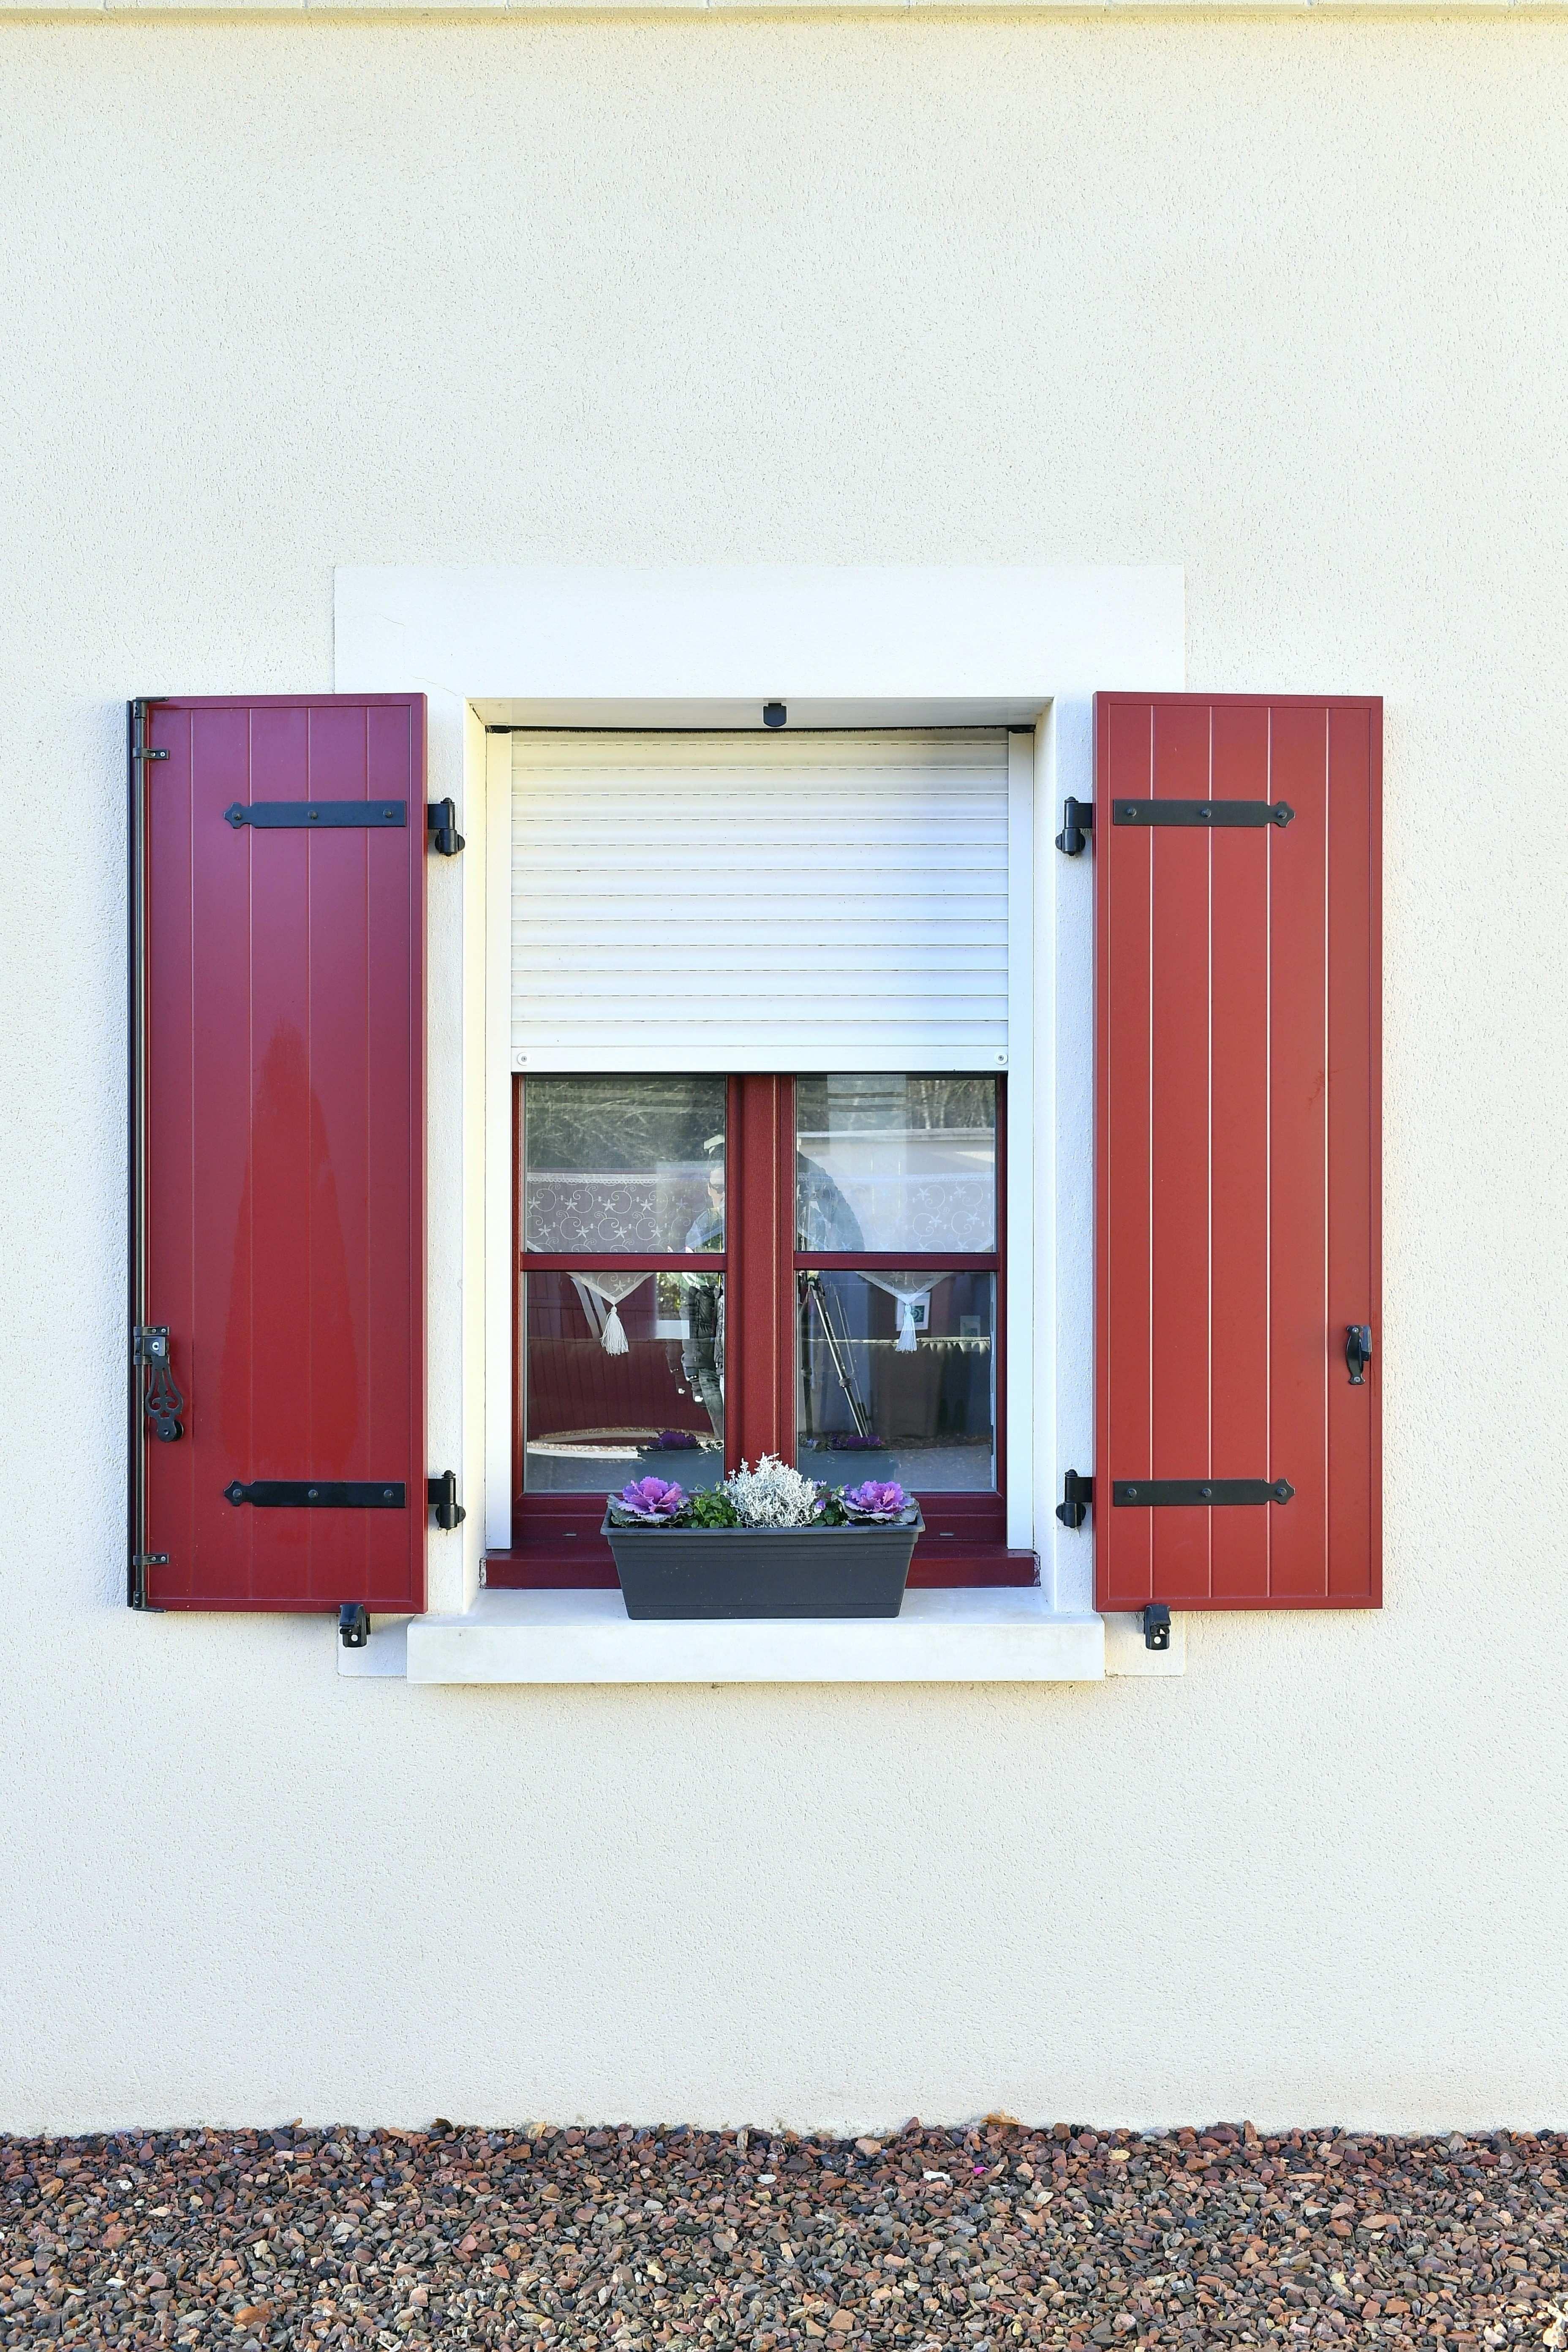 55 Couleur De Peinture Pour Volets En Bois Check More At Https Iqkltx Info 200 Couleur De Peinture Pour Volets En Bois Outdoor Decor Home